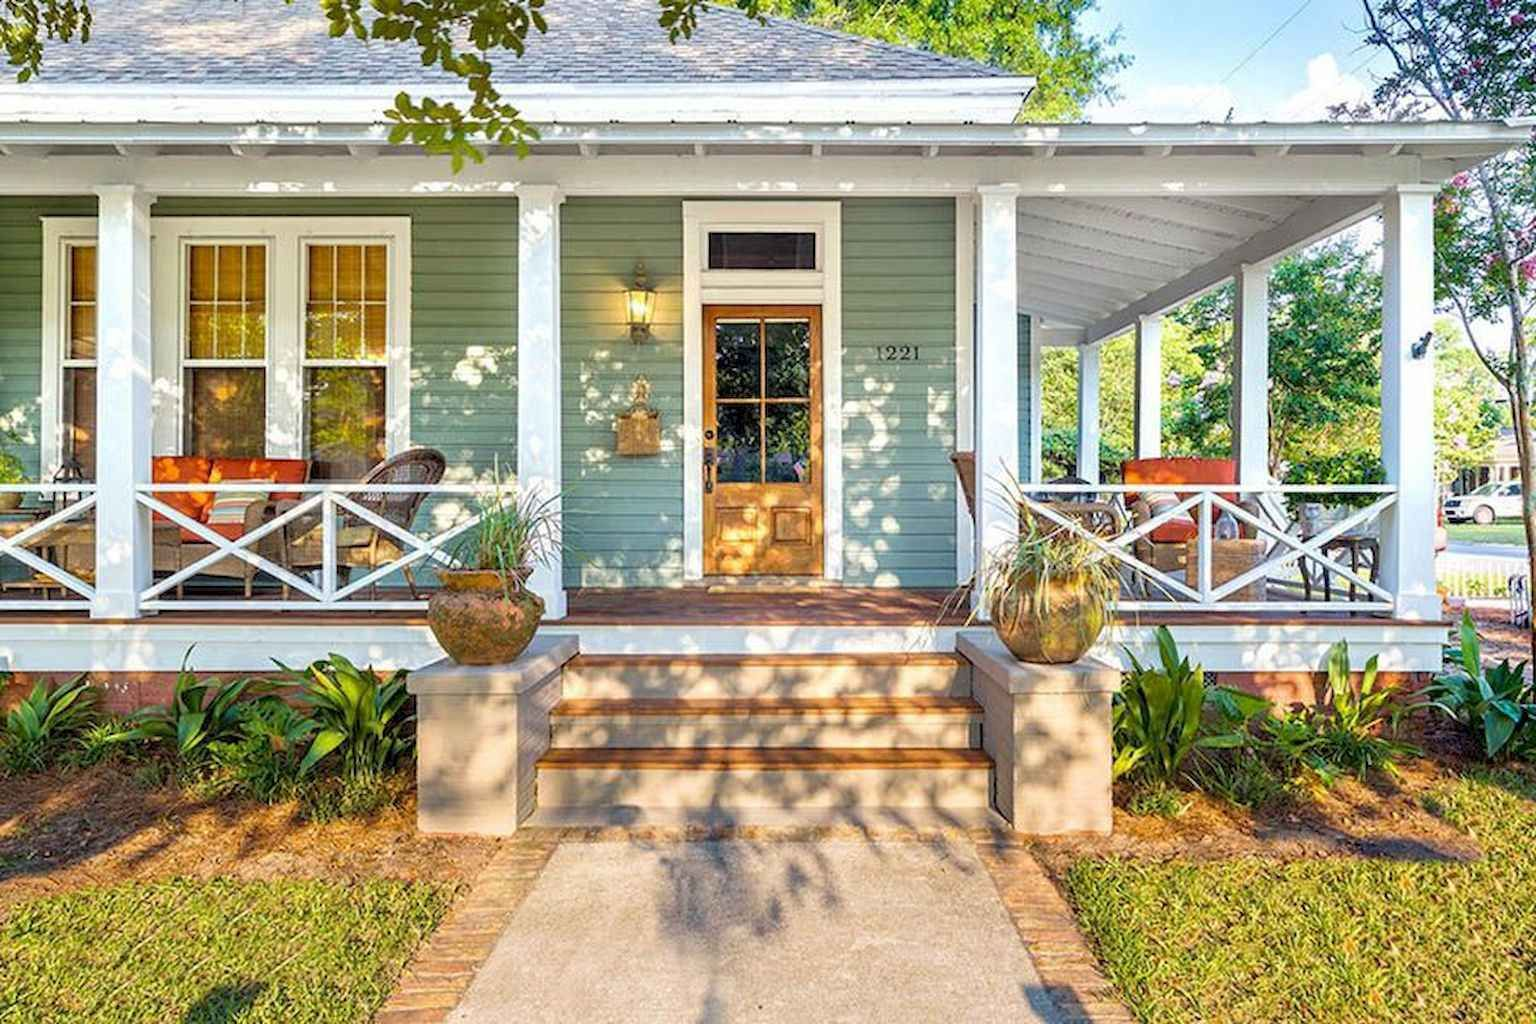 01 Farmhouse Front Porch Decor Ideas In 2020 Facade House House